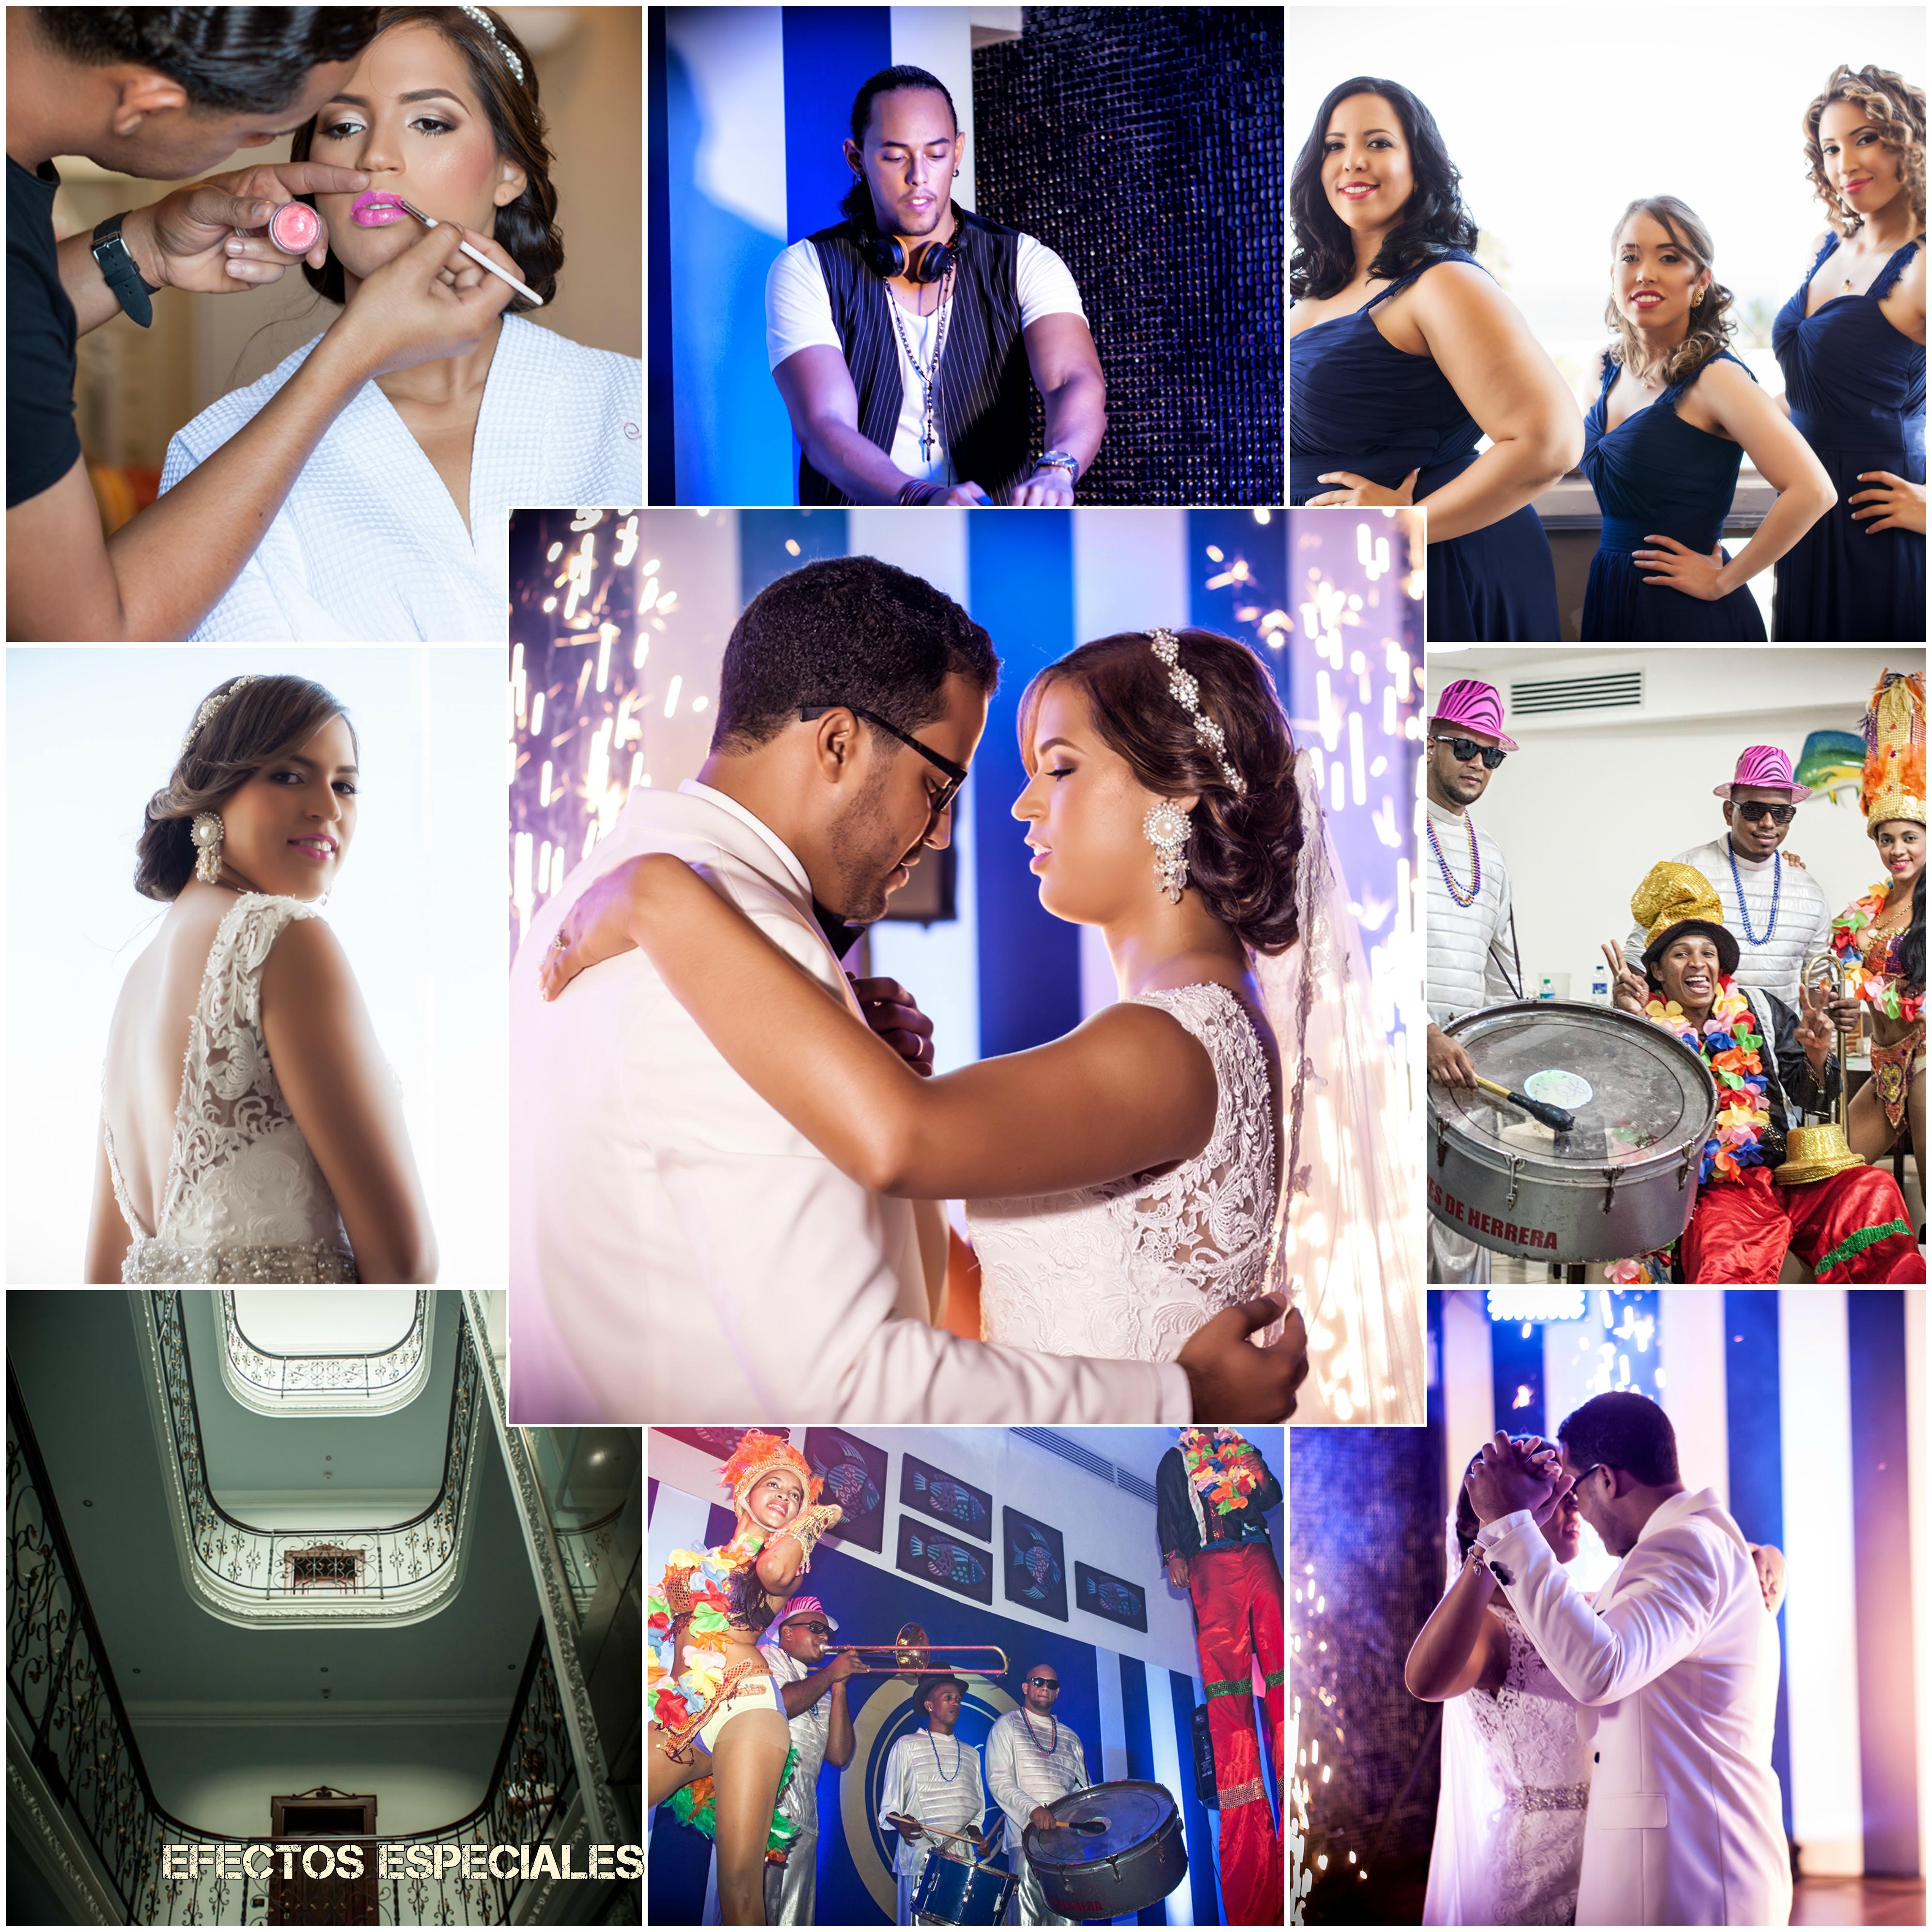 www.Xproevents.com - Collage boda Pablo & Noelia con Chispas Zanco Percusion & Samba